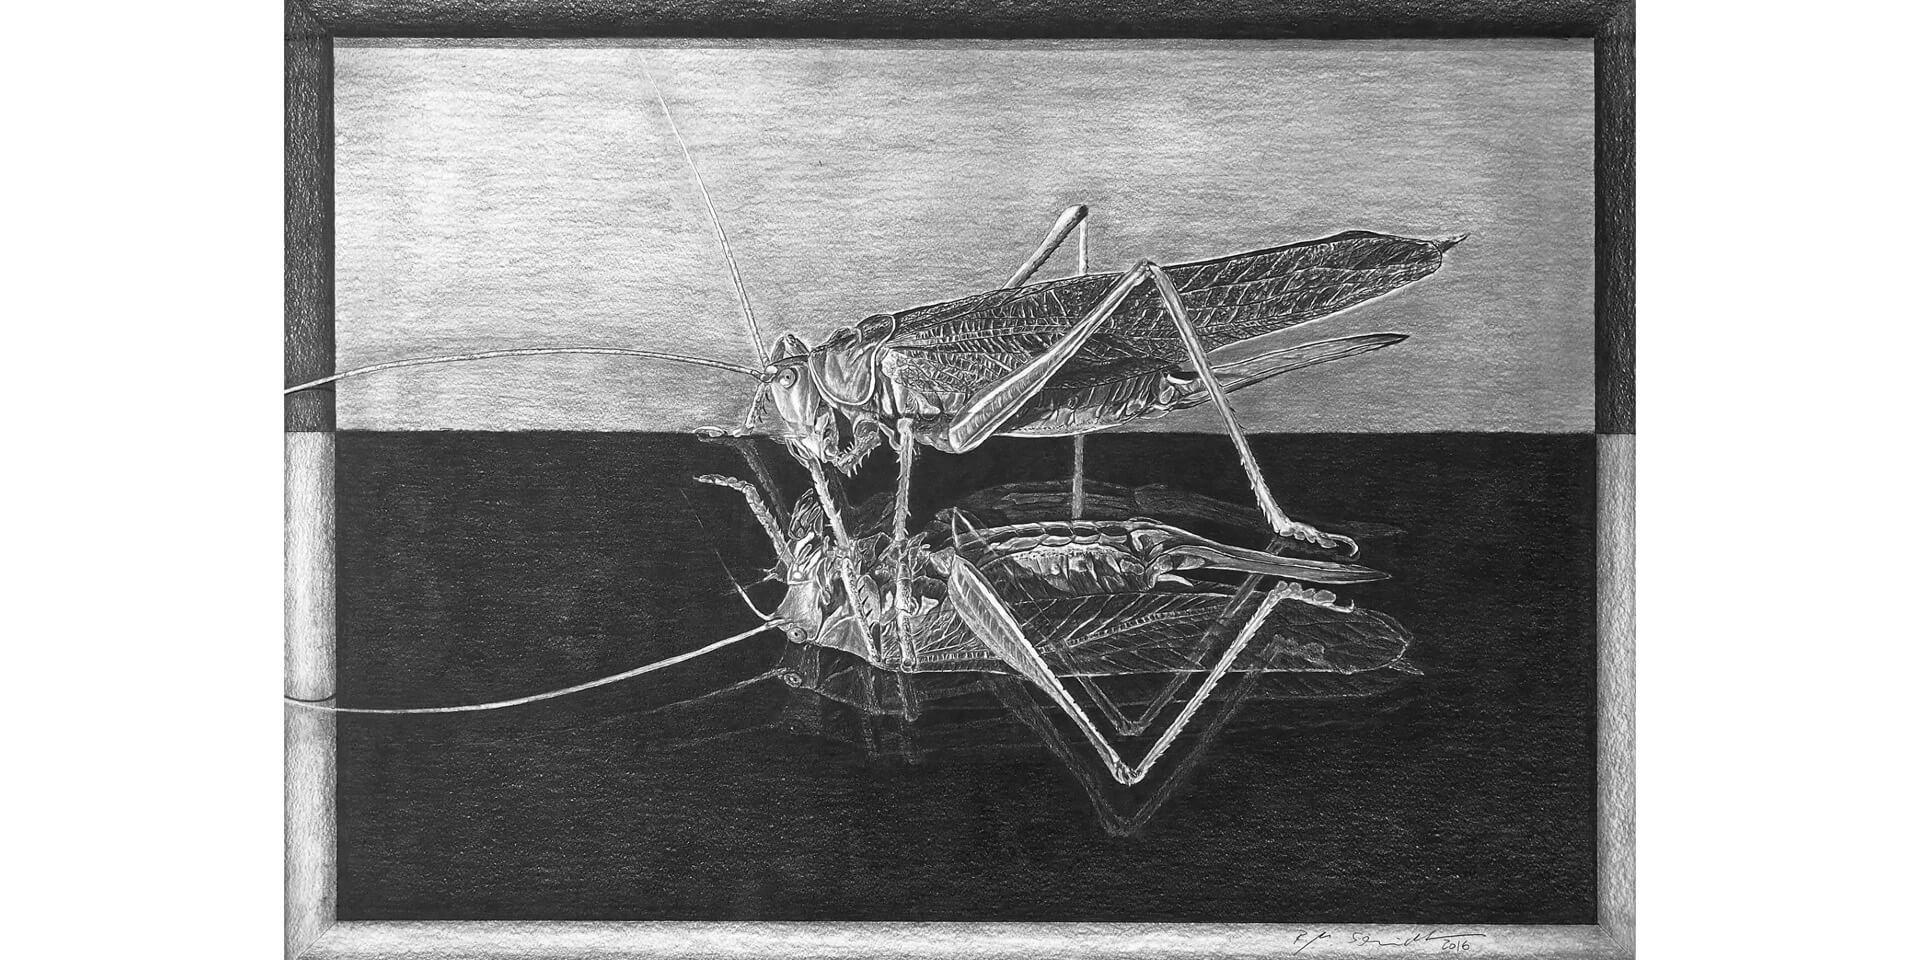 Erkenne Dich Selbst, Bleistift, 50x74 cm, 2016